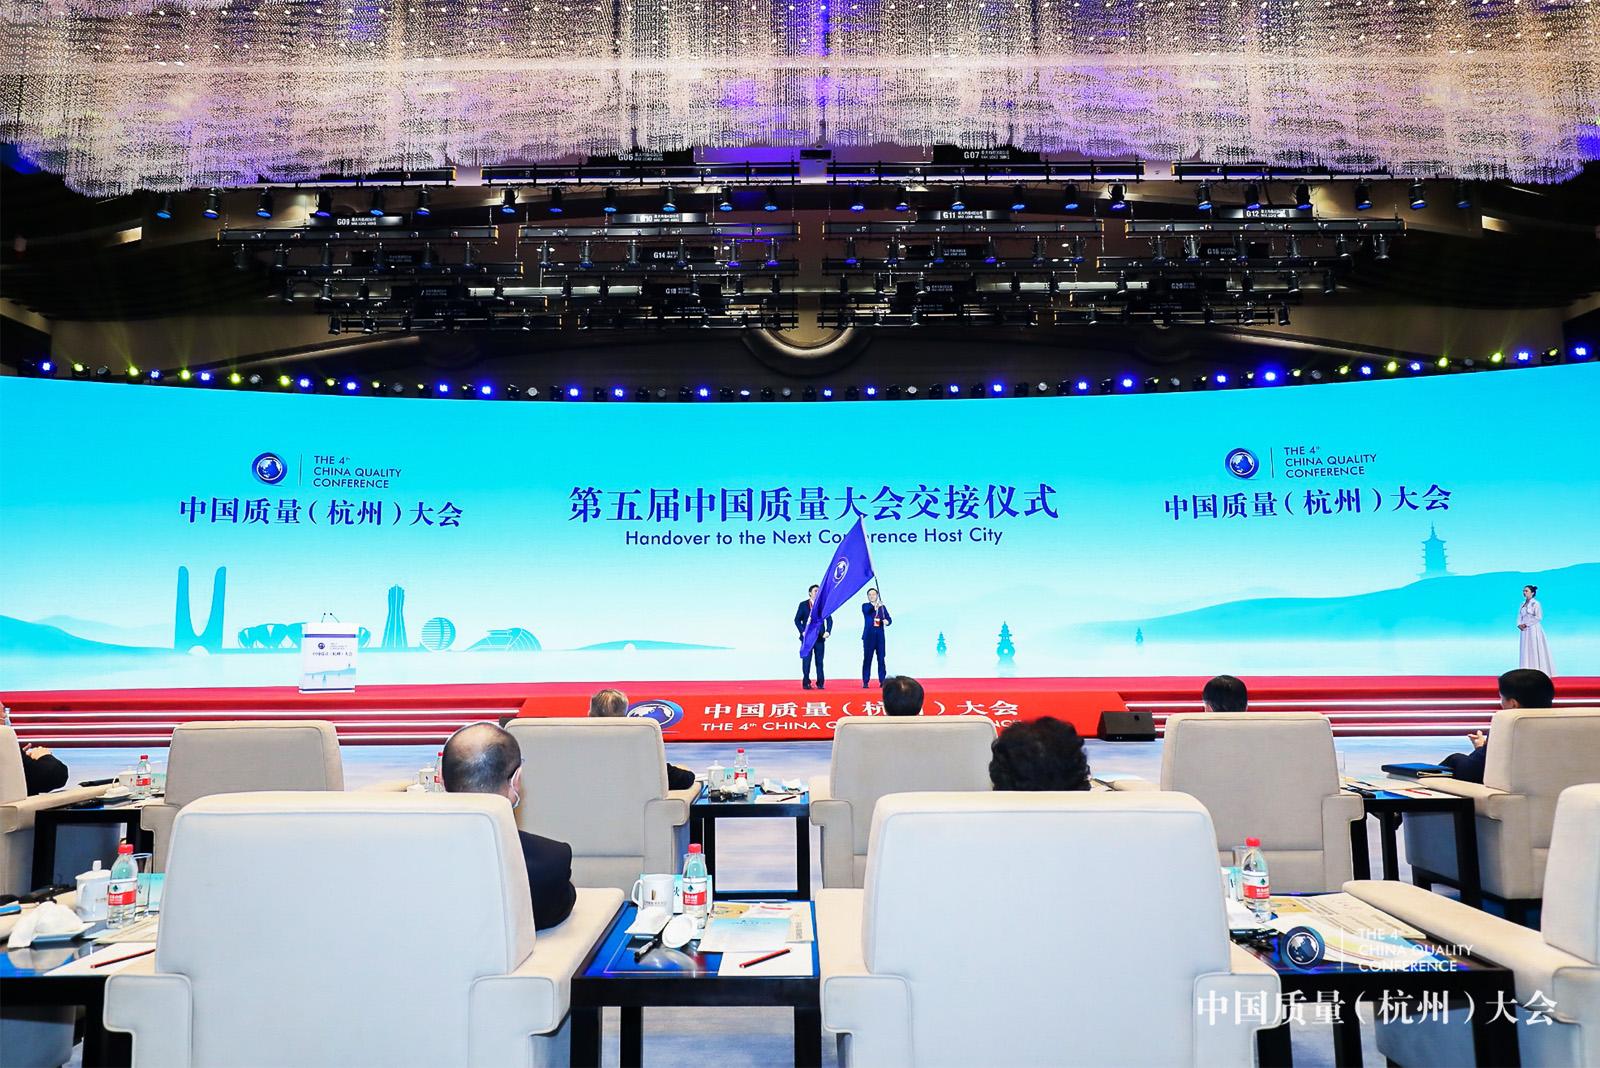 第五届中国质量大会花落成都